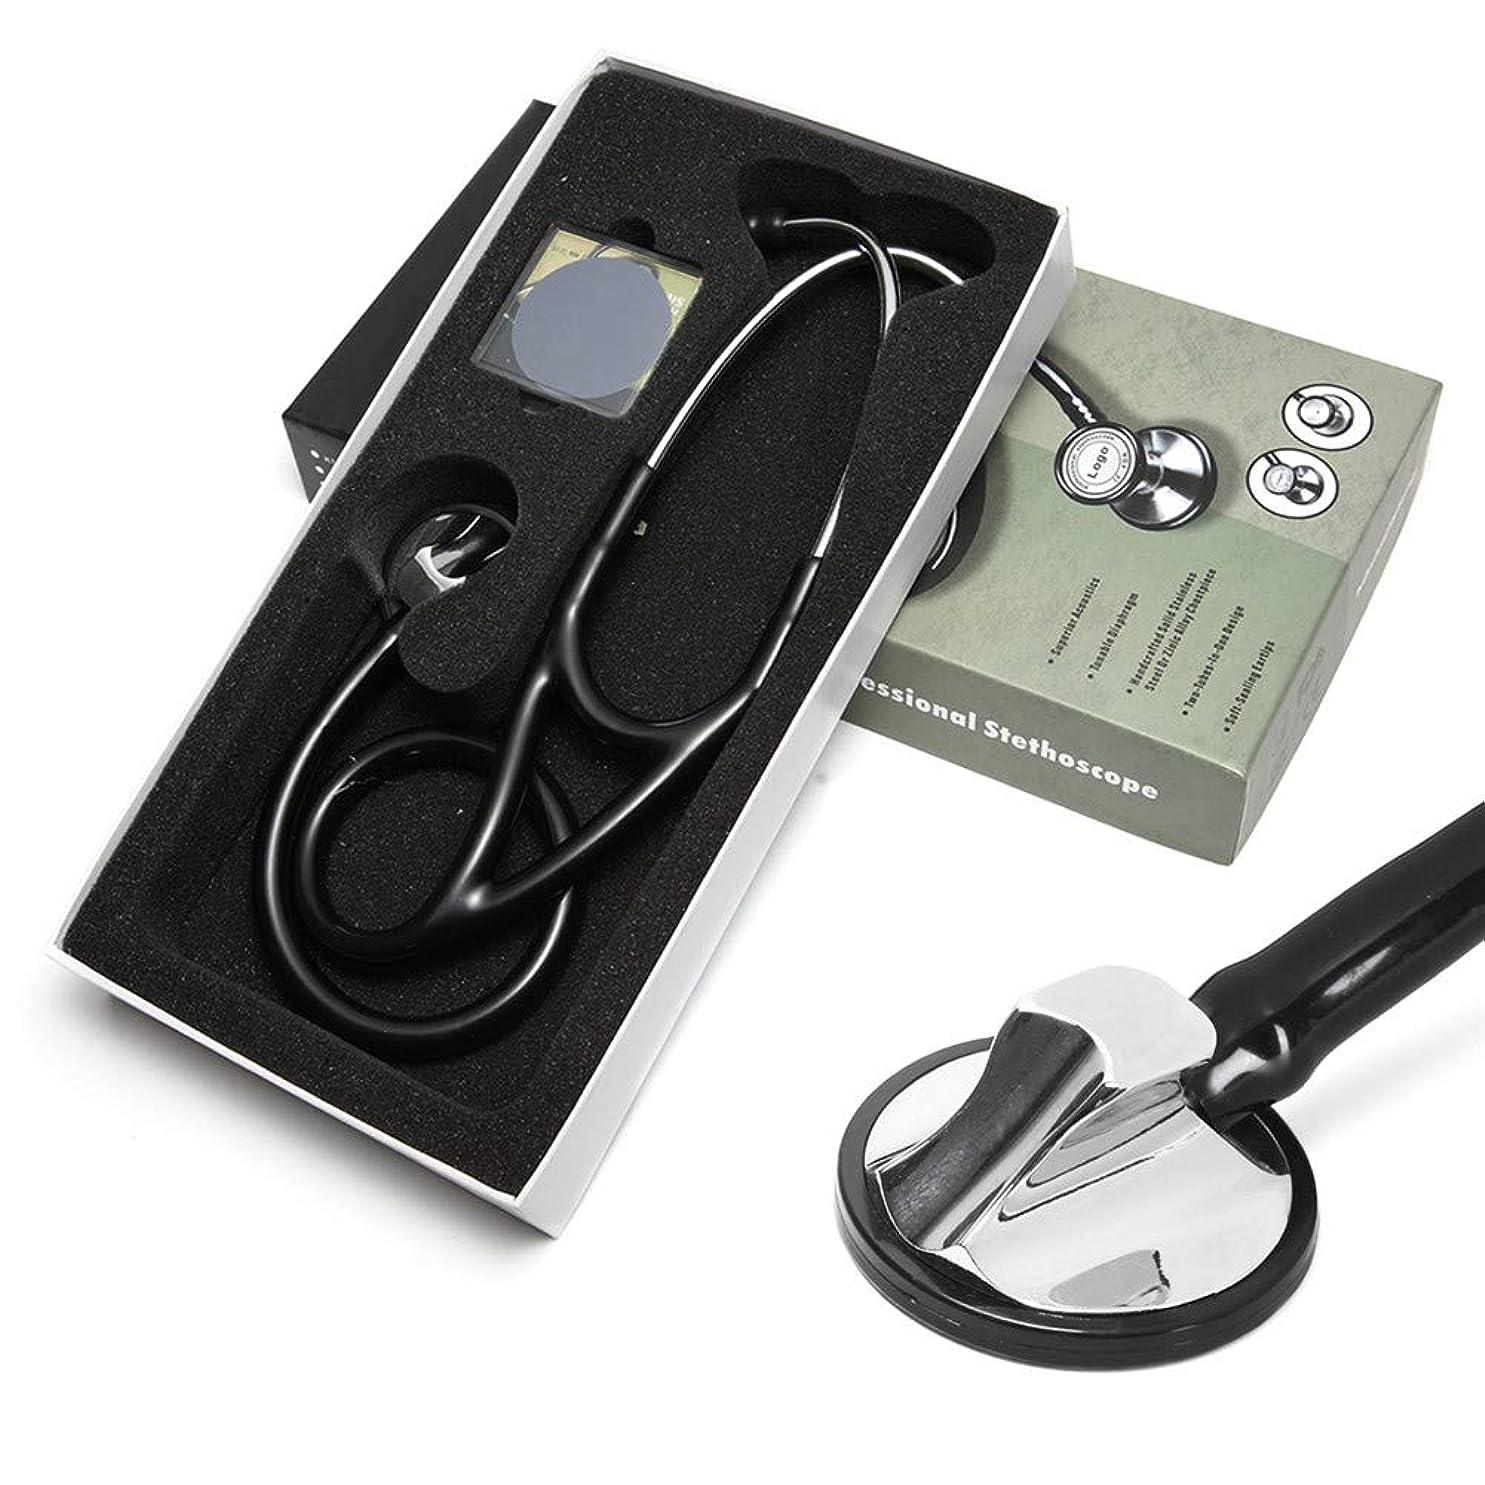 天皇ご意見スライス医者に適当な専門の聴診器の心臓病の聴診器の監視聴診器の緊急装置